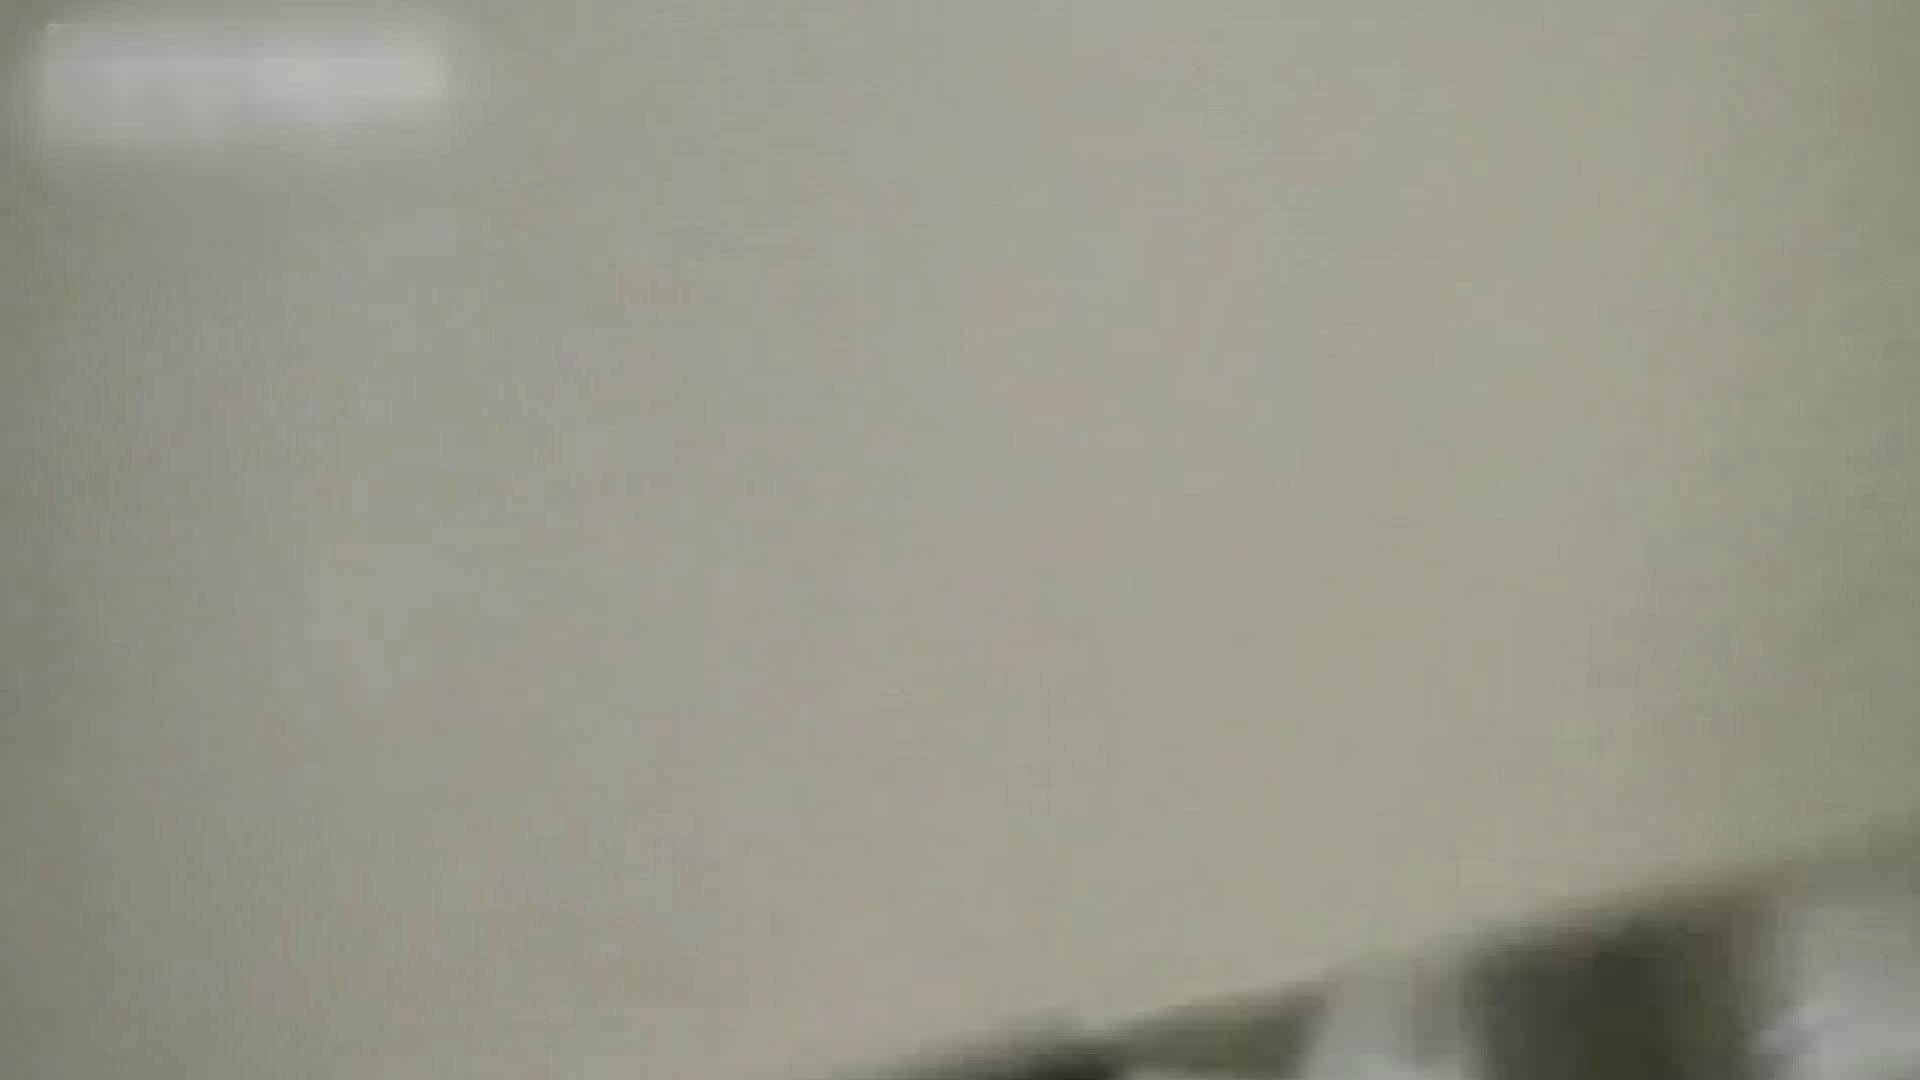 ロックハンドさんの盗撮記録File.60 潜入シリーズ | マンコ  74pic 11